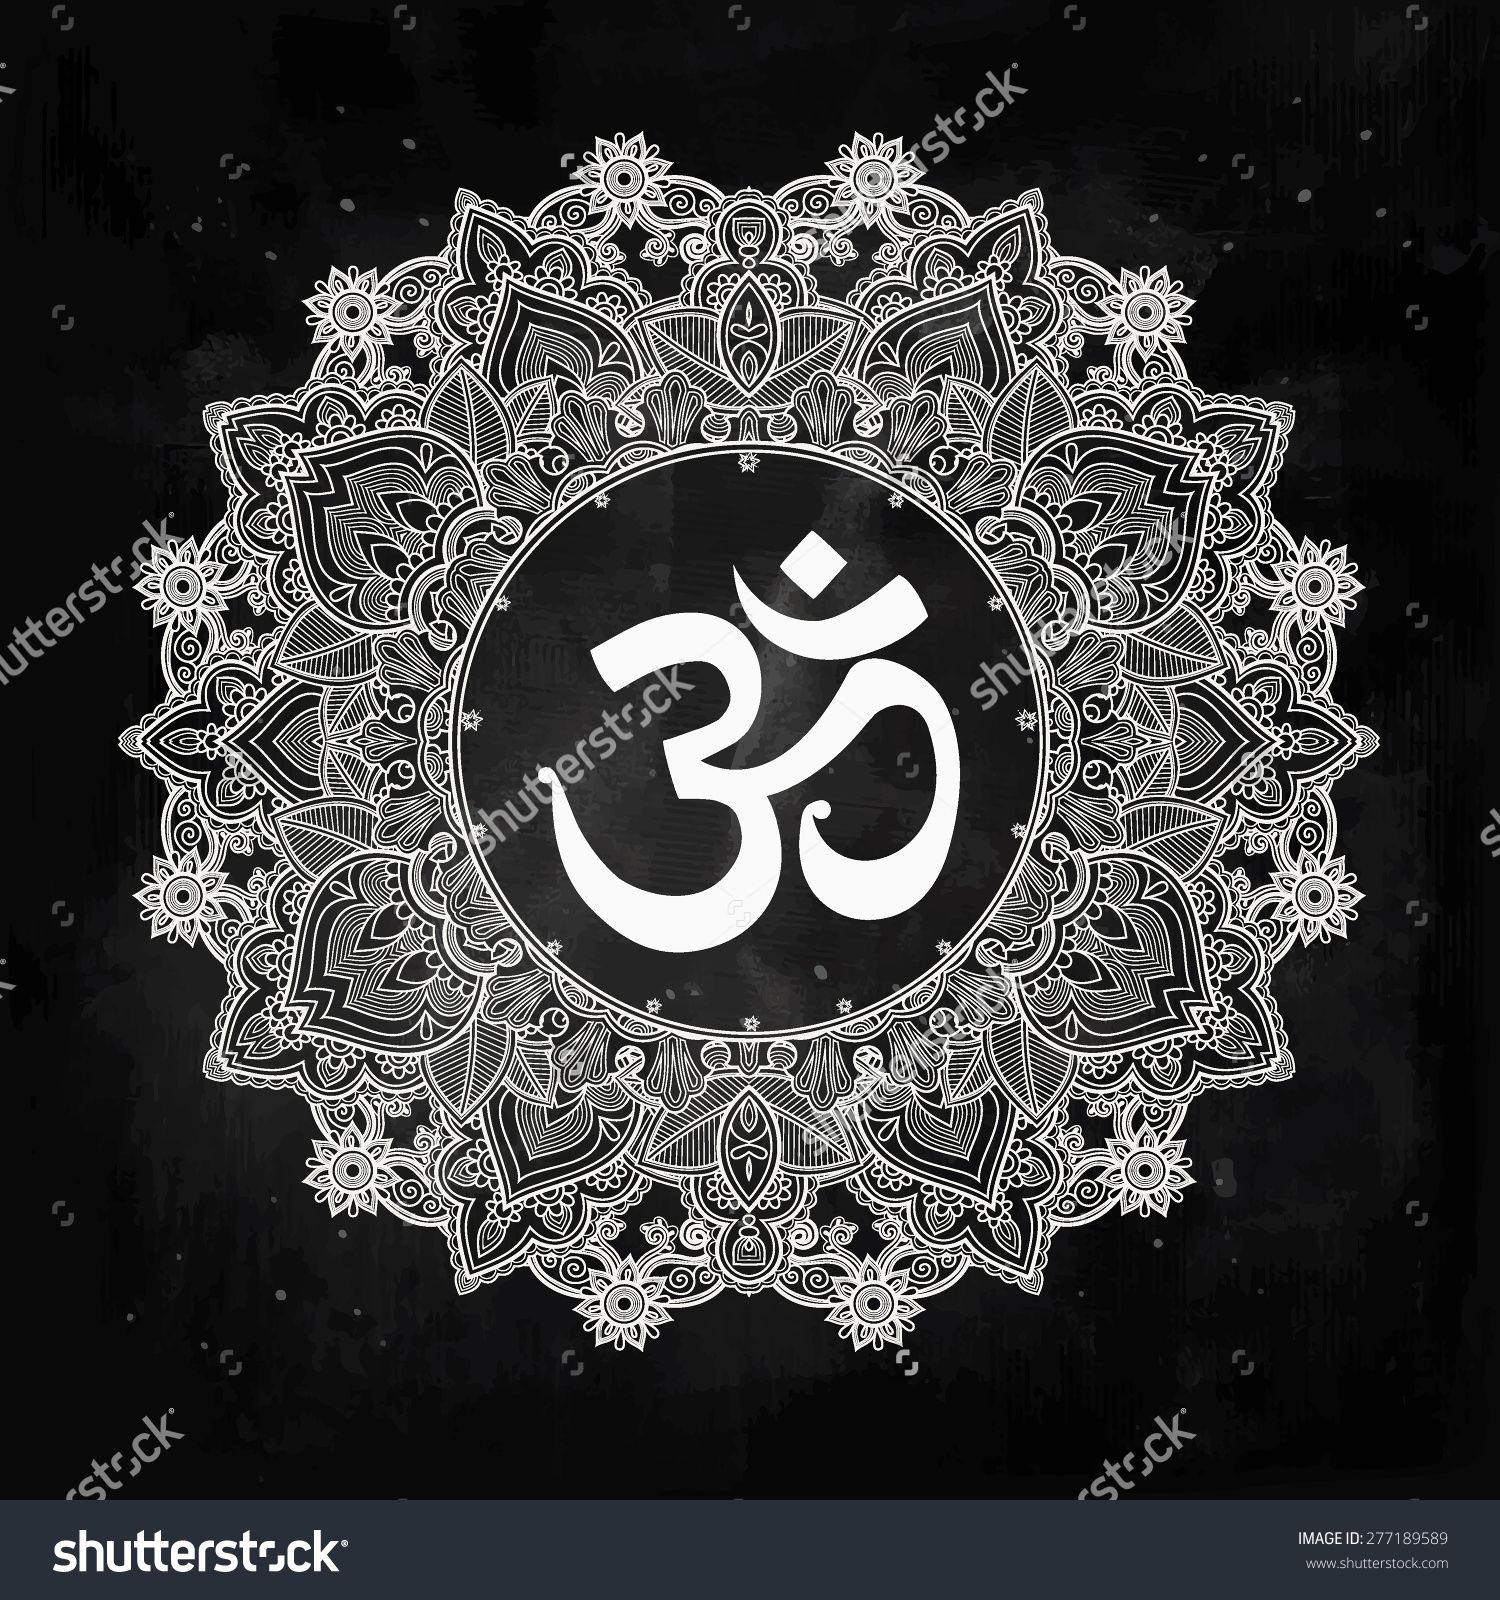 Lord ganesha diwali om mandala symbol round ornament pattern lord ganesha diwali om mandala symbol round ornament pattern vector elements isolated biocorpaavc Gallery